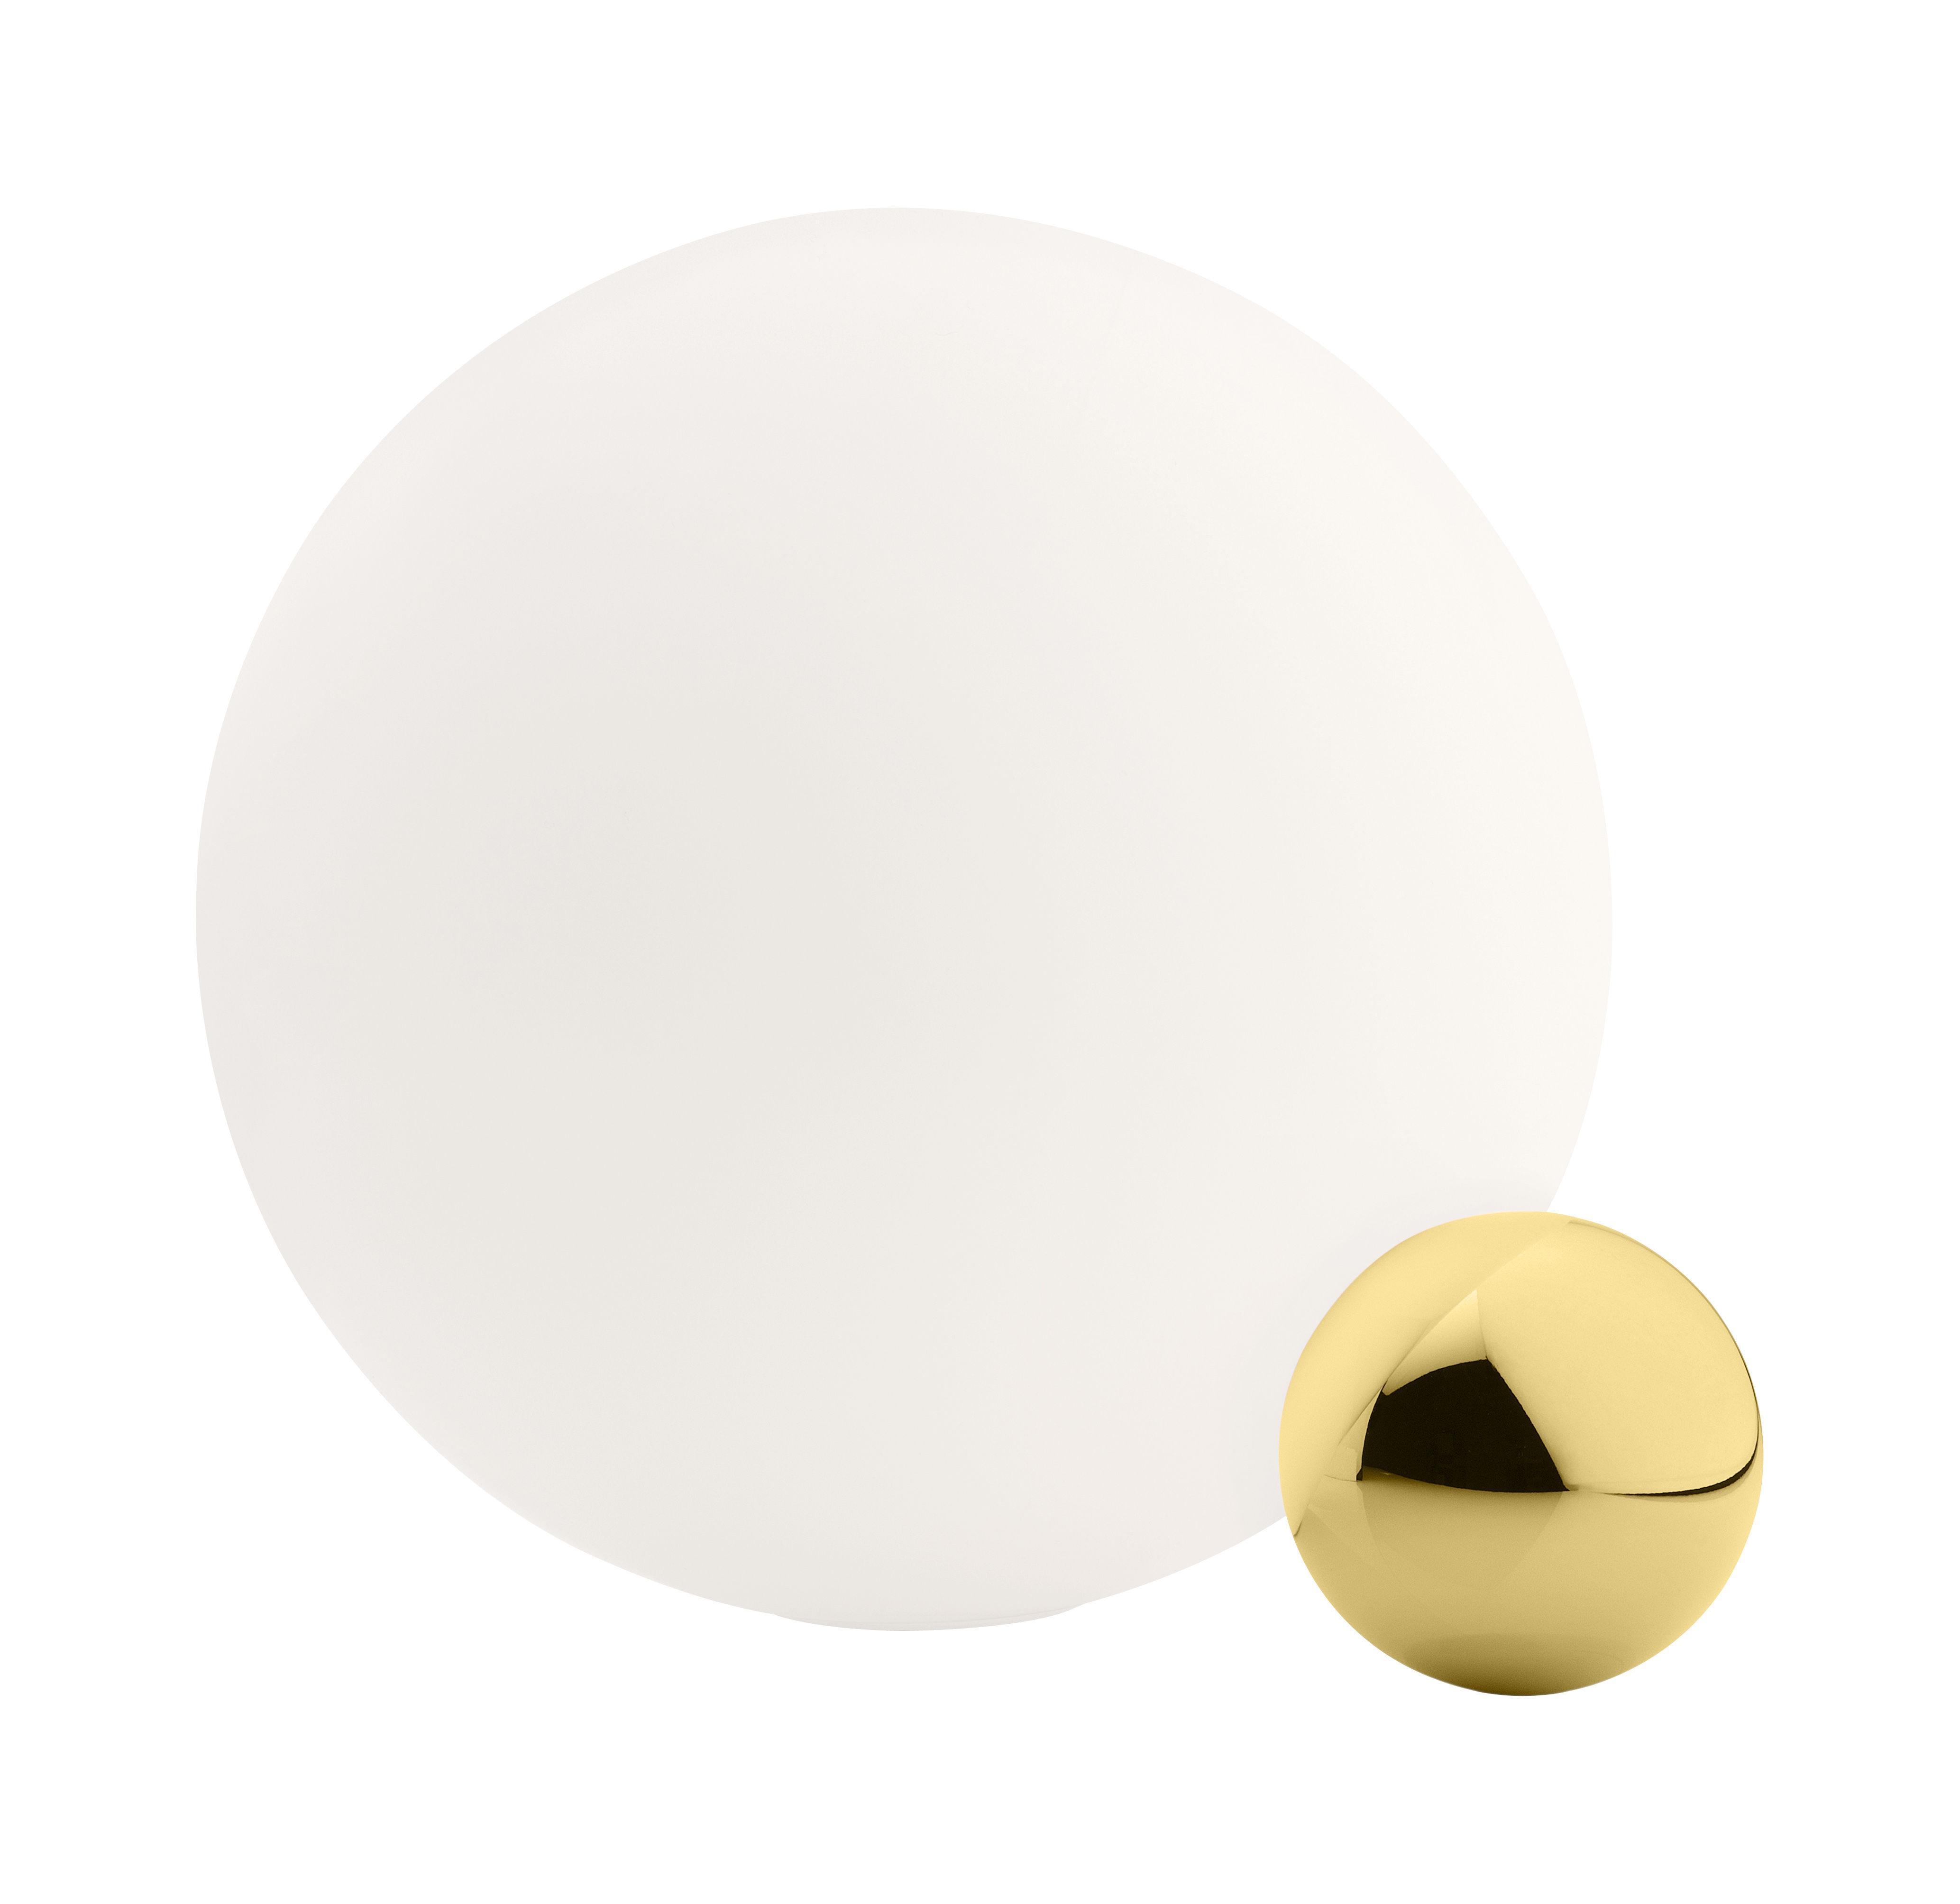 Leuchten - Tischleuchten - Copycat LED Tischleuchte / Ø 30 cm - vergoldet, 24 Karat - Flos - Vergoldet, 24 Karat / weiß - Aluminium, goldplattiert, geblasenes Glas